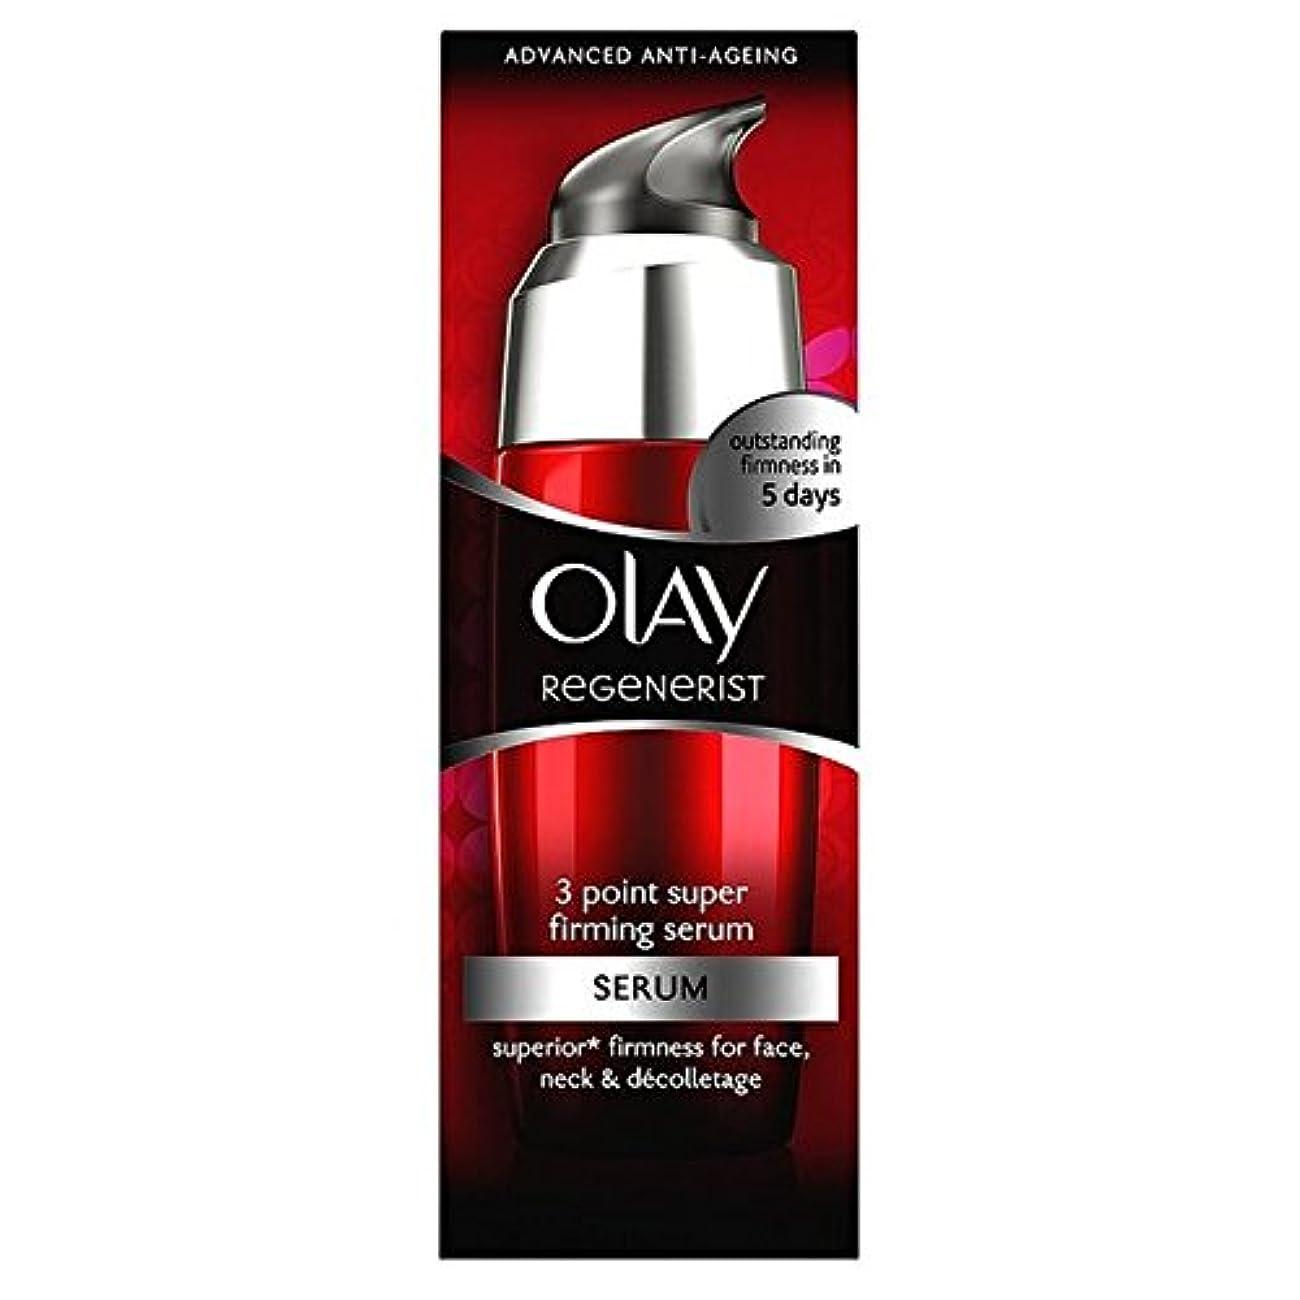 関係ない予見する債務Olay Regenerist Moisturiser 3 Point Treatment Super Serum 50ml (Pack of 6) - オーレイリジェネ保湿3ポイント治療スーパー血清50ミリリットル x6...